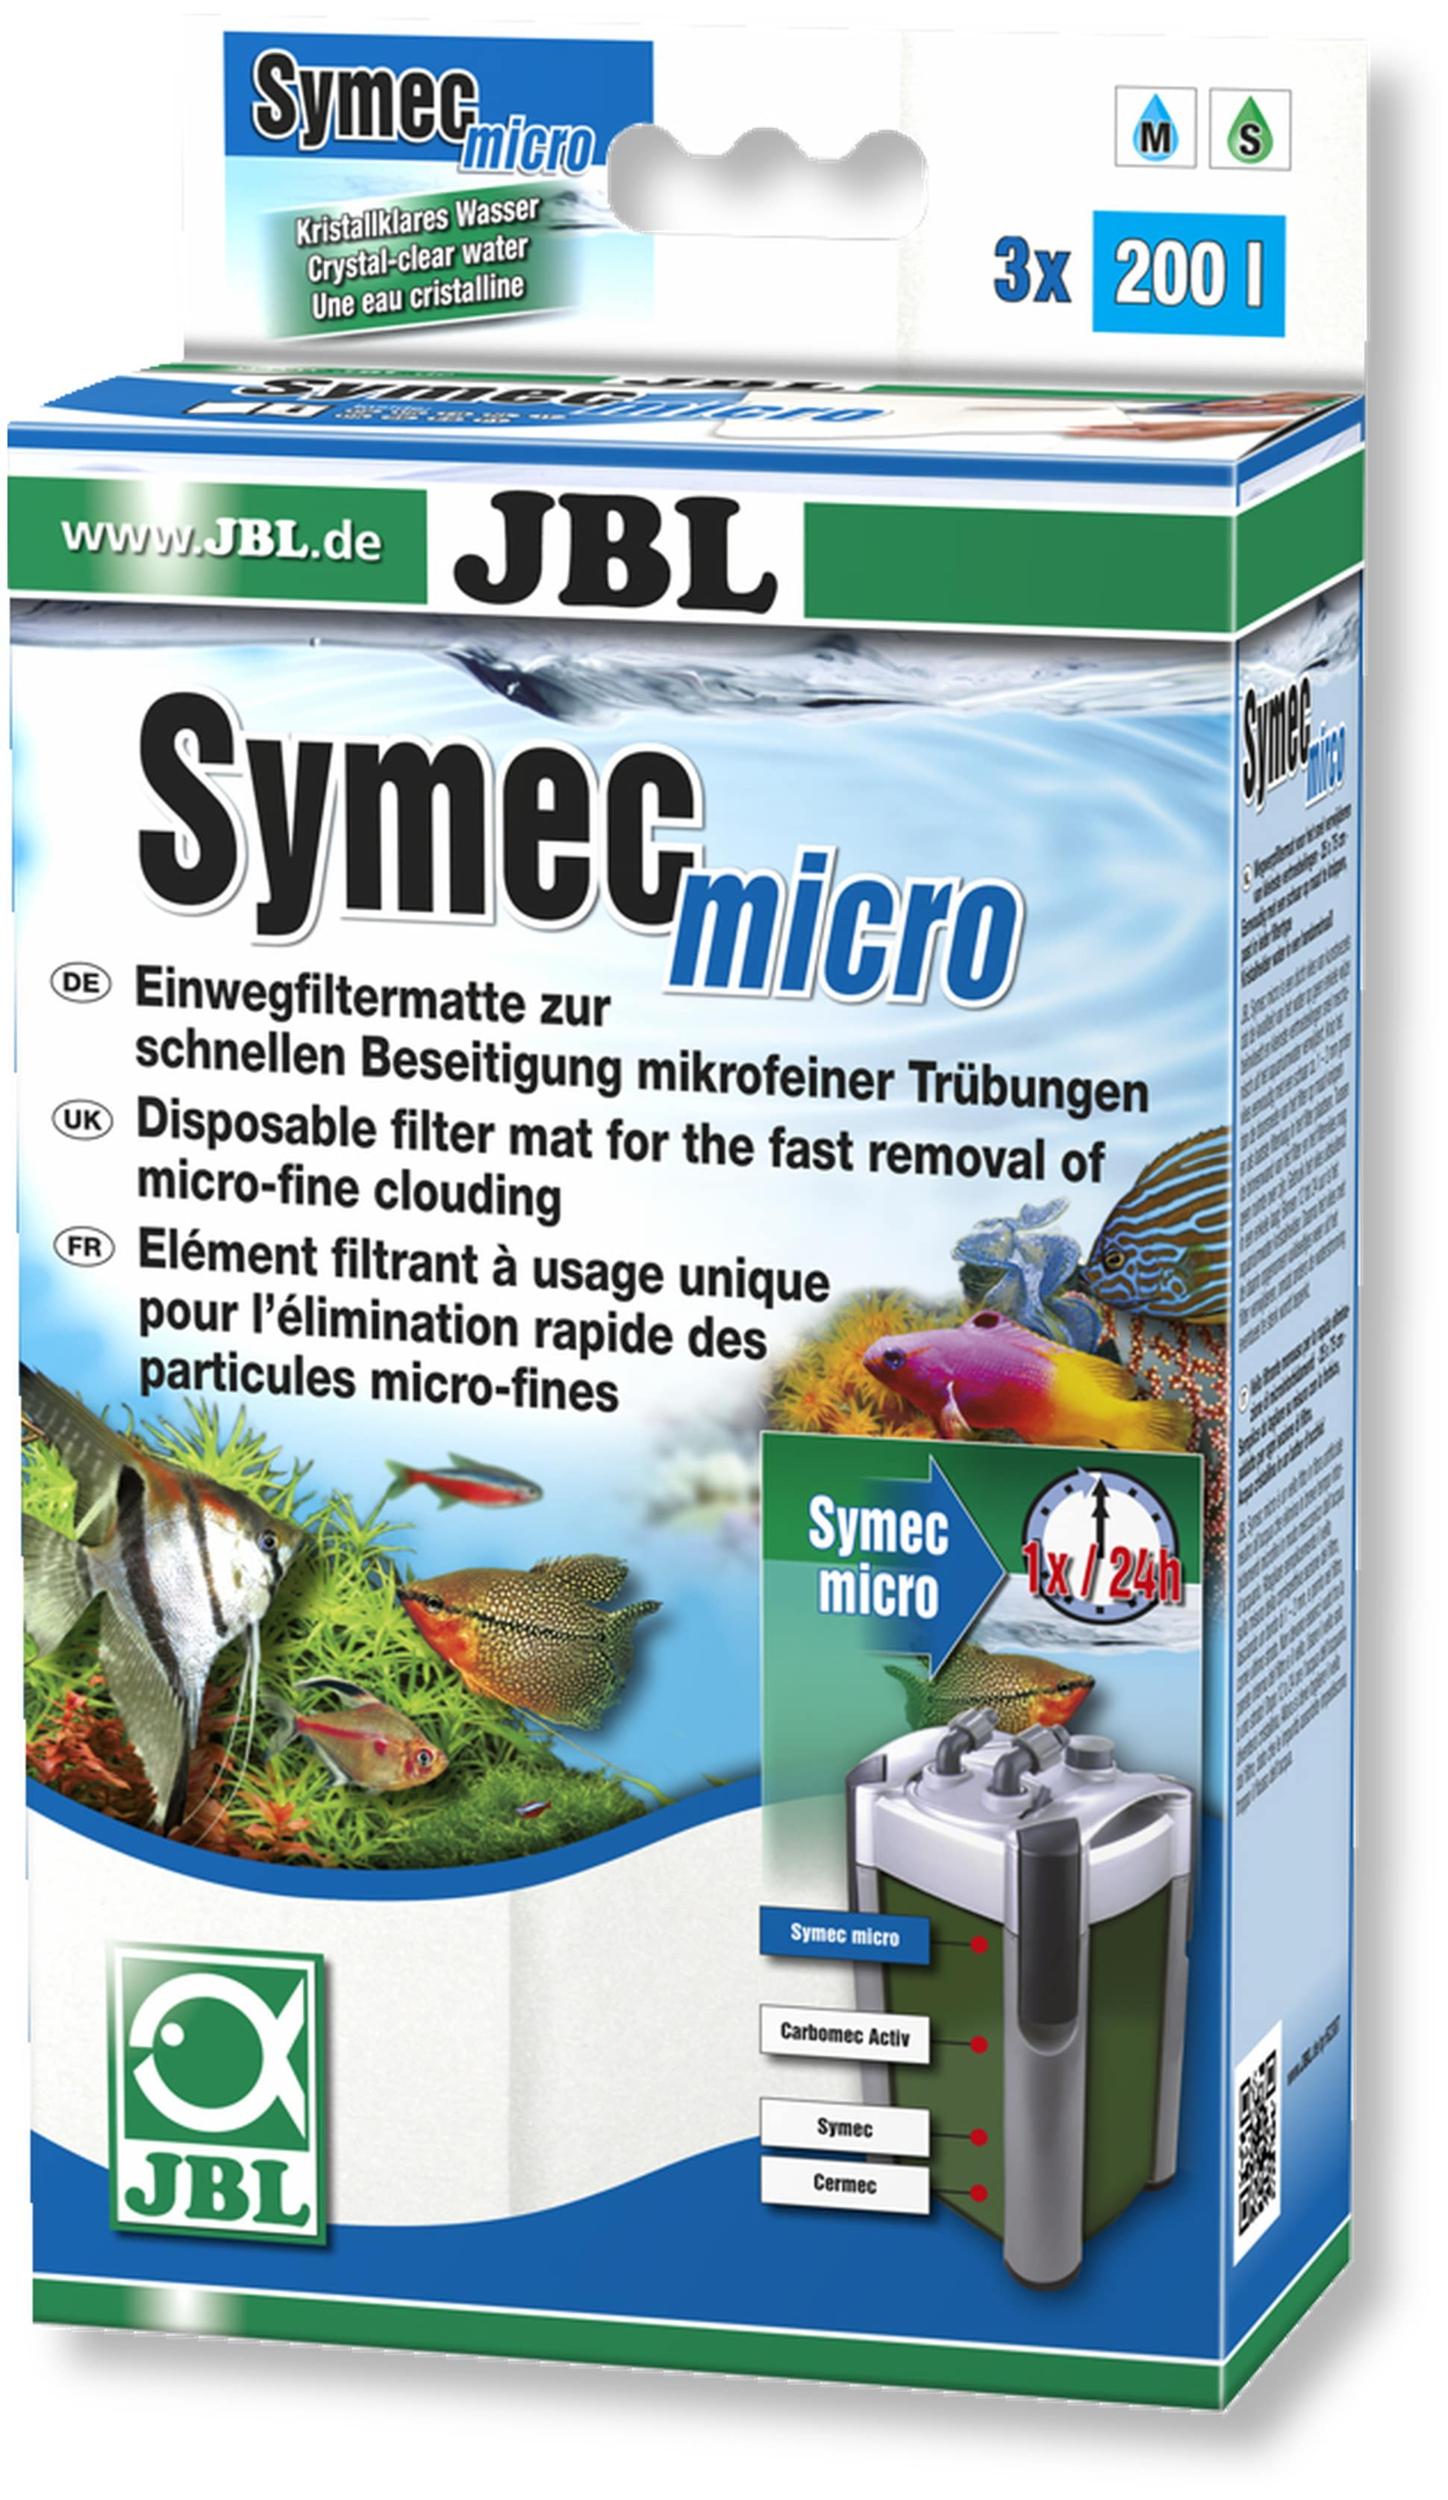 JBL Symec Micro voile filtrant non-tissé en microfibres pour lutter contre l\'eau trouble